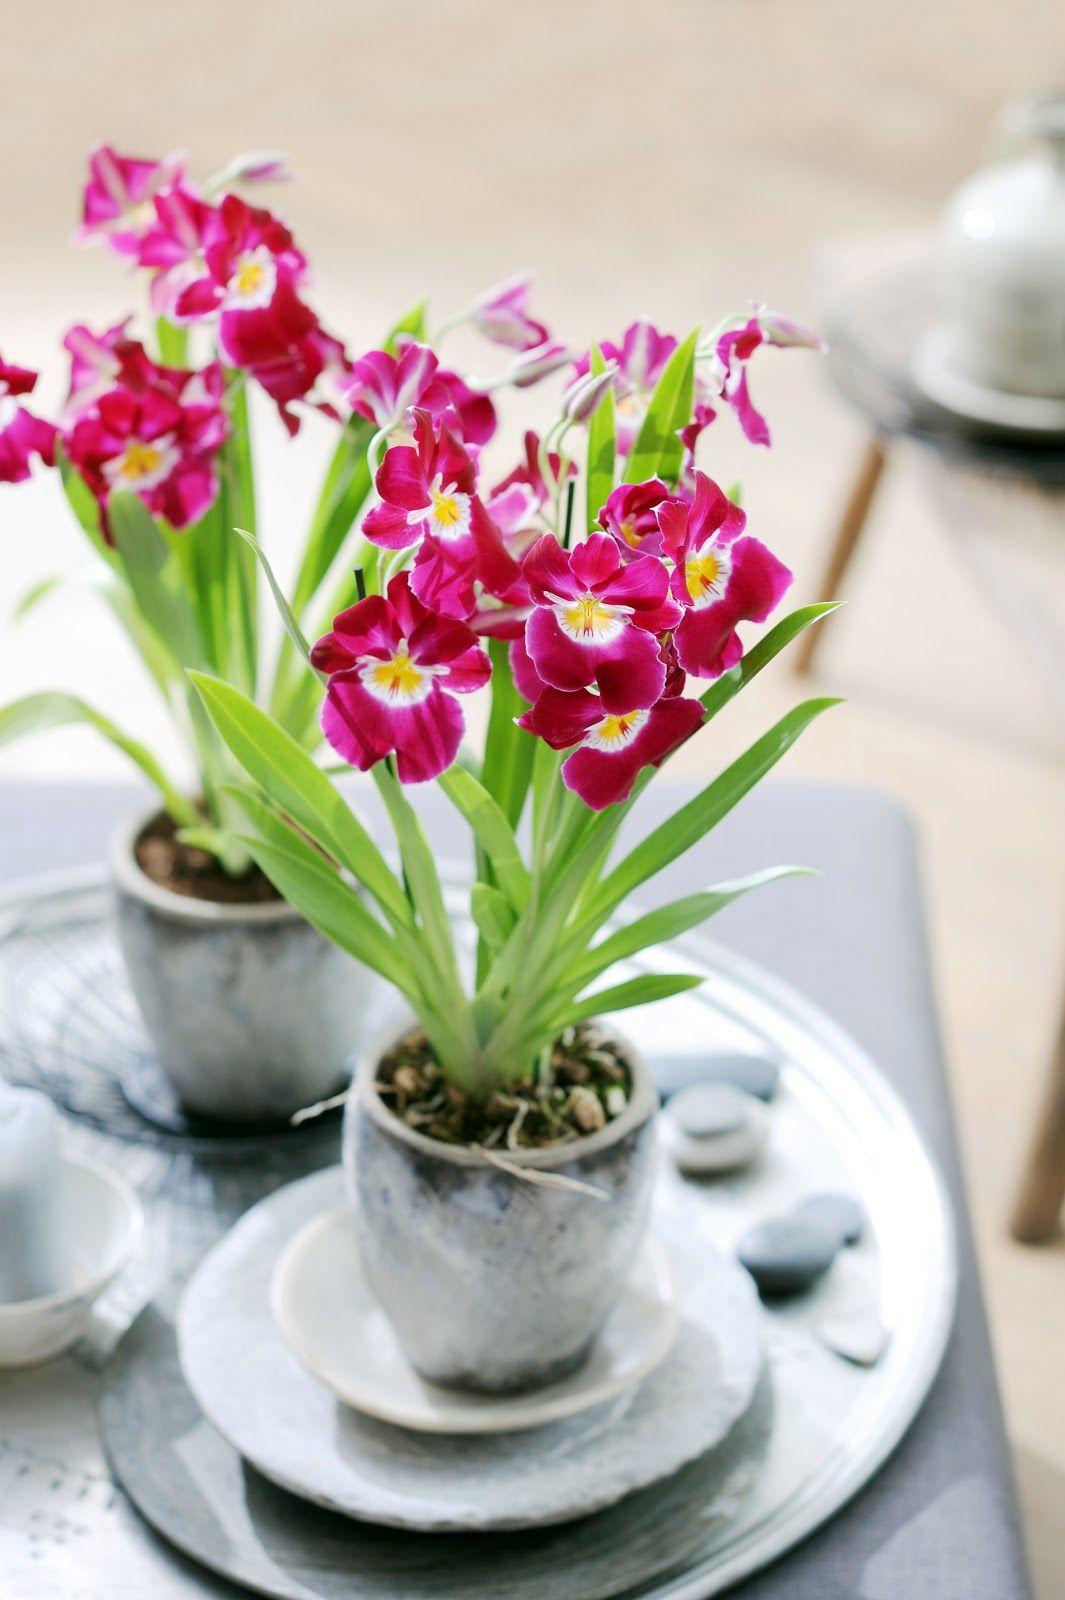 Funky Friday blog: Charismatische schoonheid verovert je met kleur en geur - woonplant van de maand mei: Miltonia http://funkyfridayshop.blogspot.nl/2013/05/charismatische-schoonheid-verovert-je.html